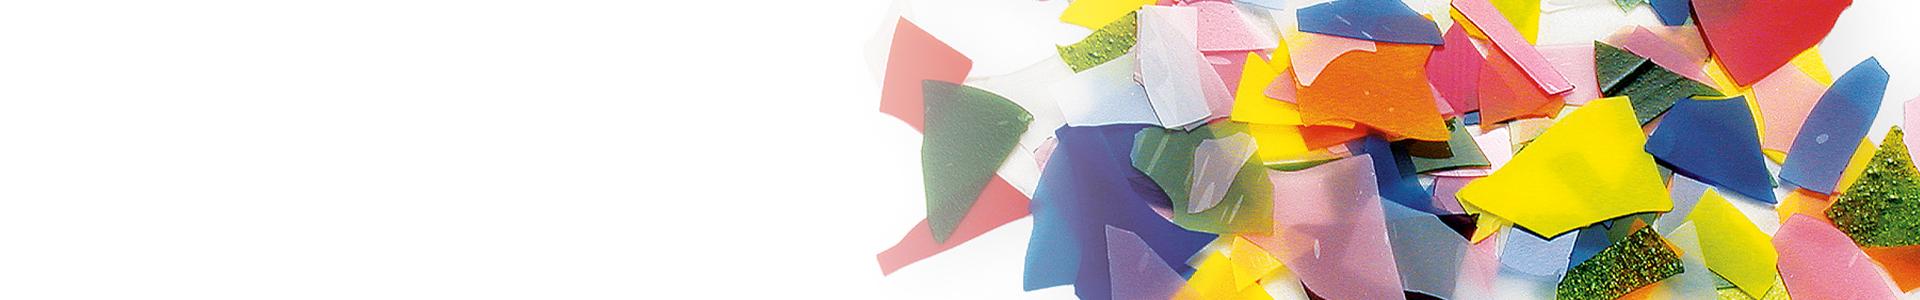 Bullseye Confetti